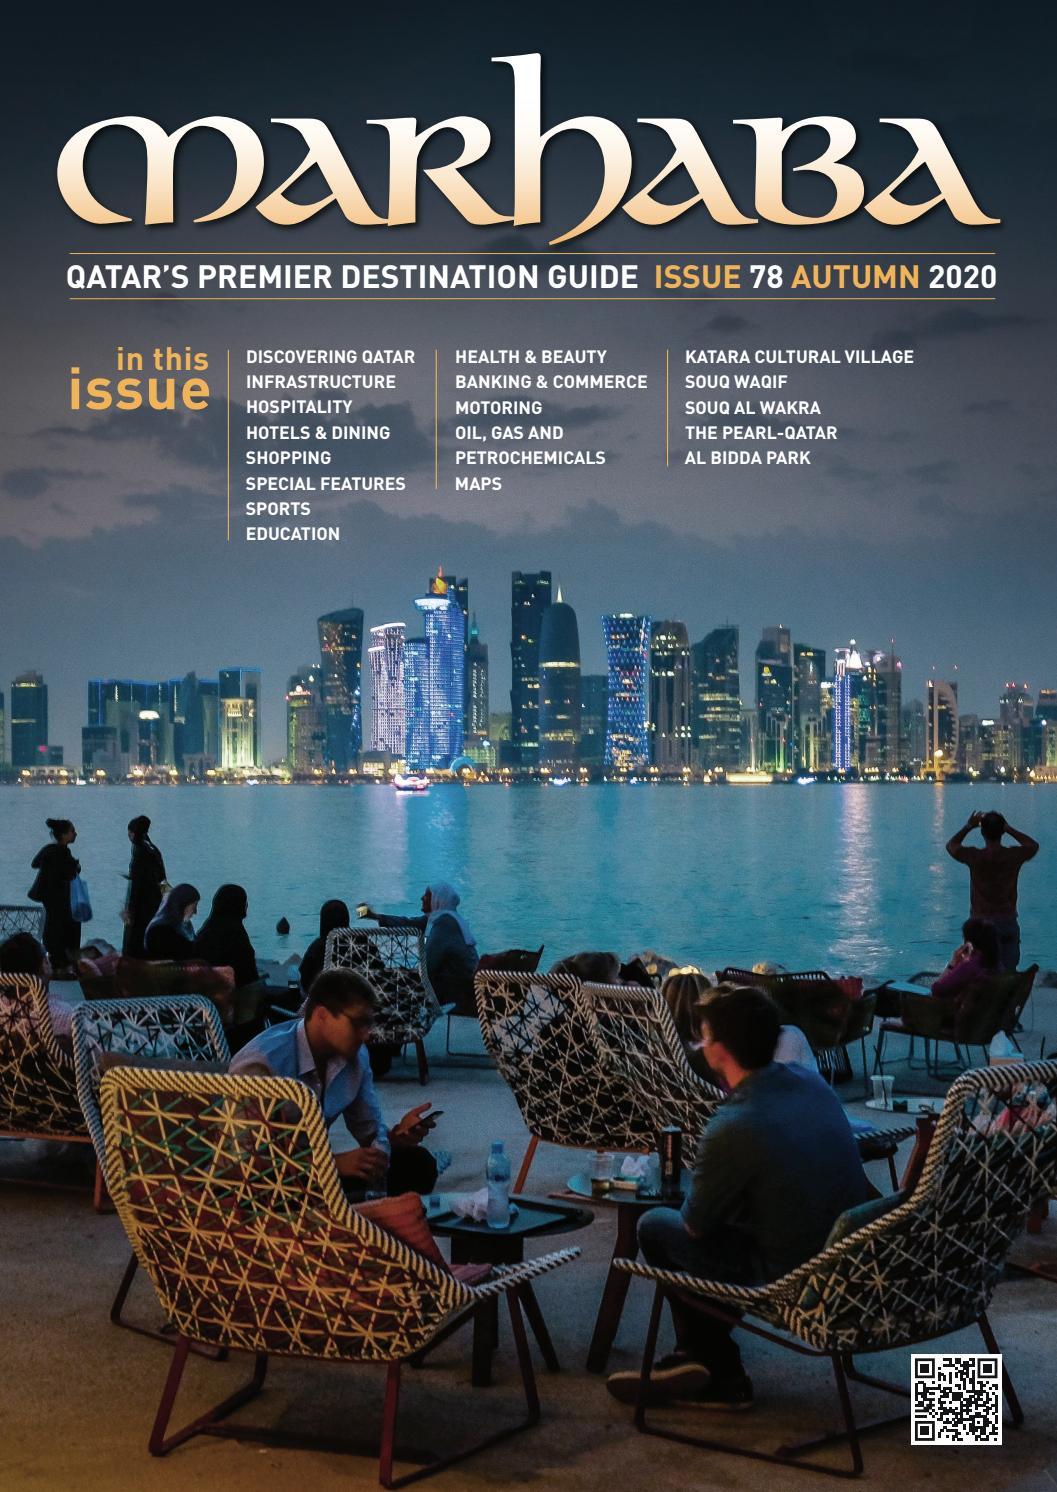 Marhaba Information Guide Issue 78 By Marhaba Information Guide Qatar Issuu